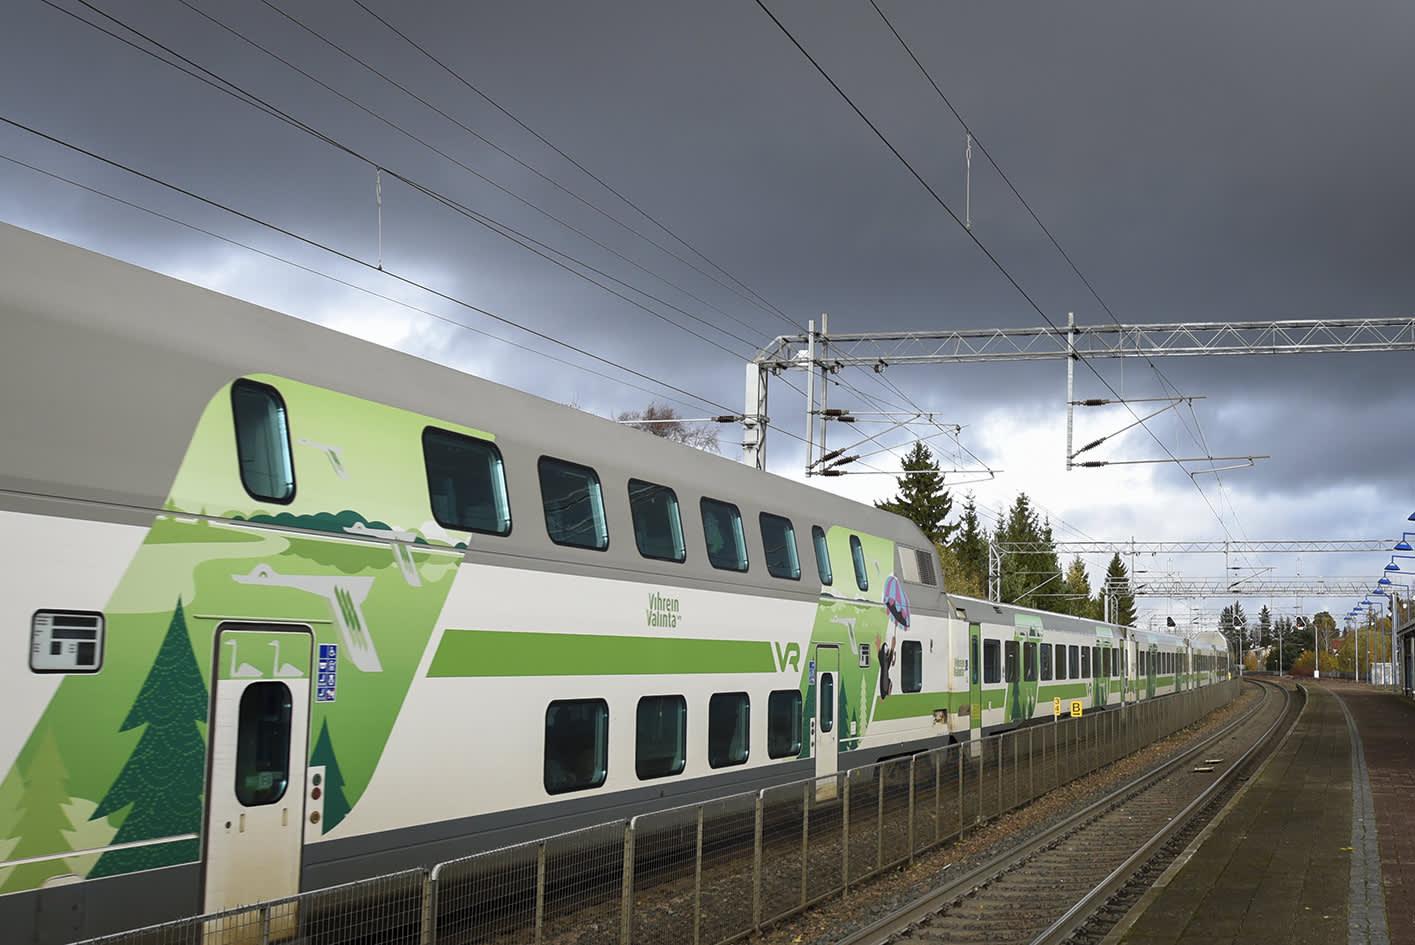 Juna ohittamassa asemaa.